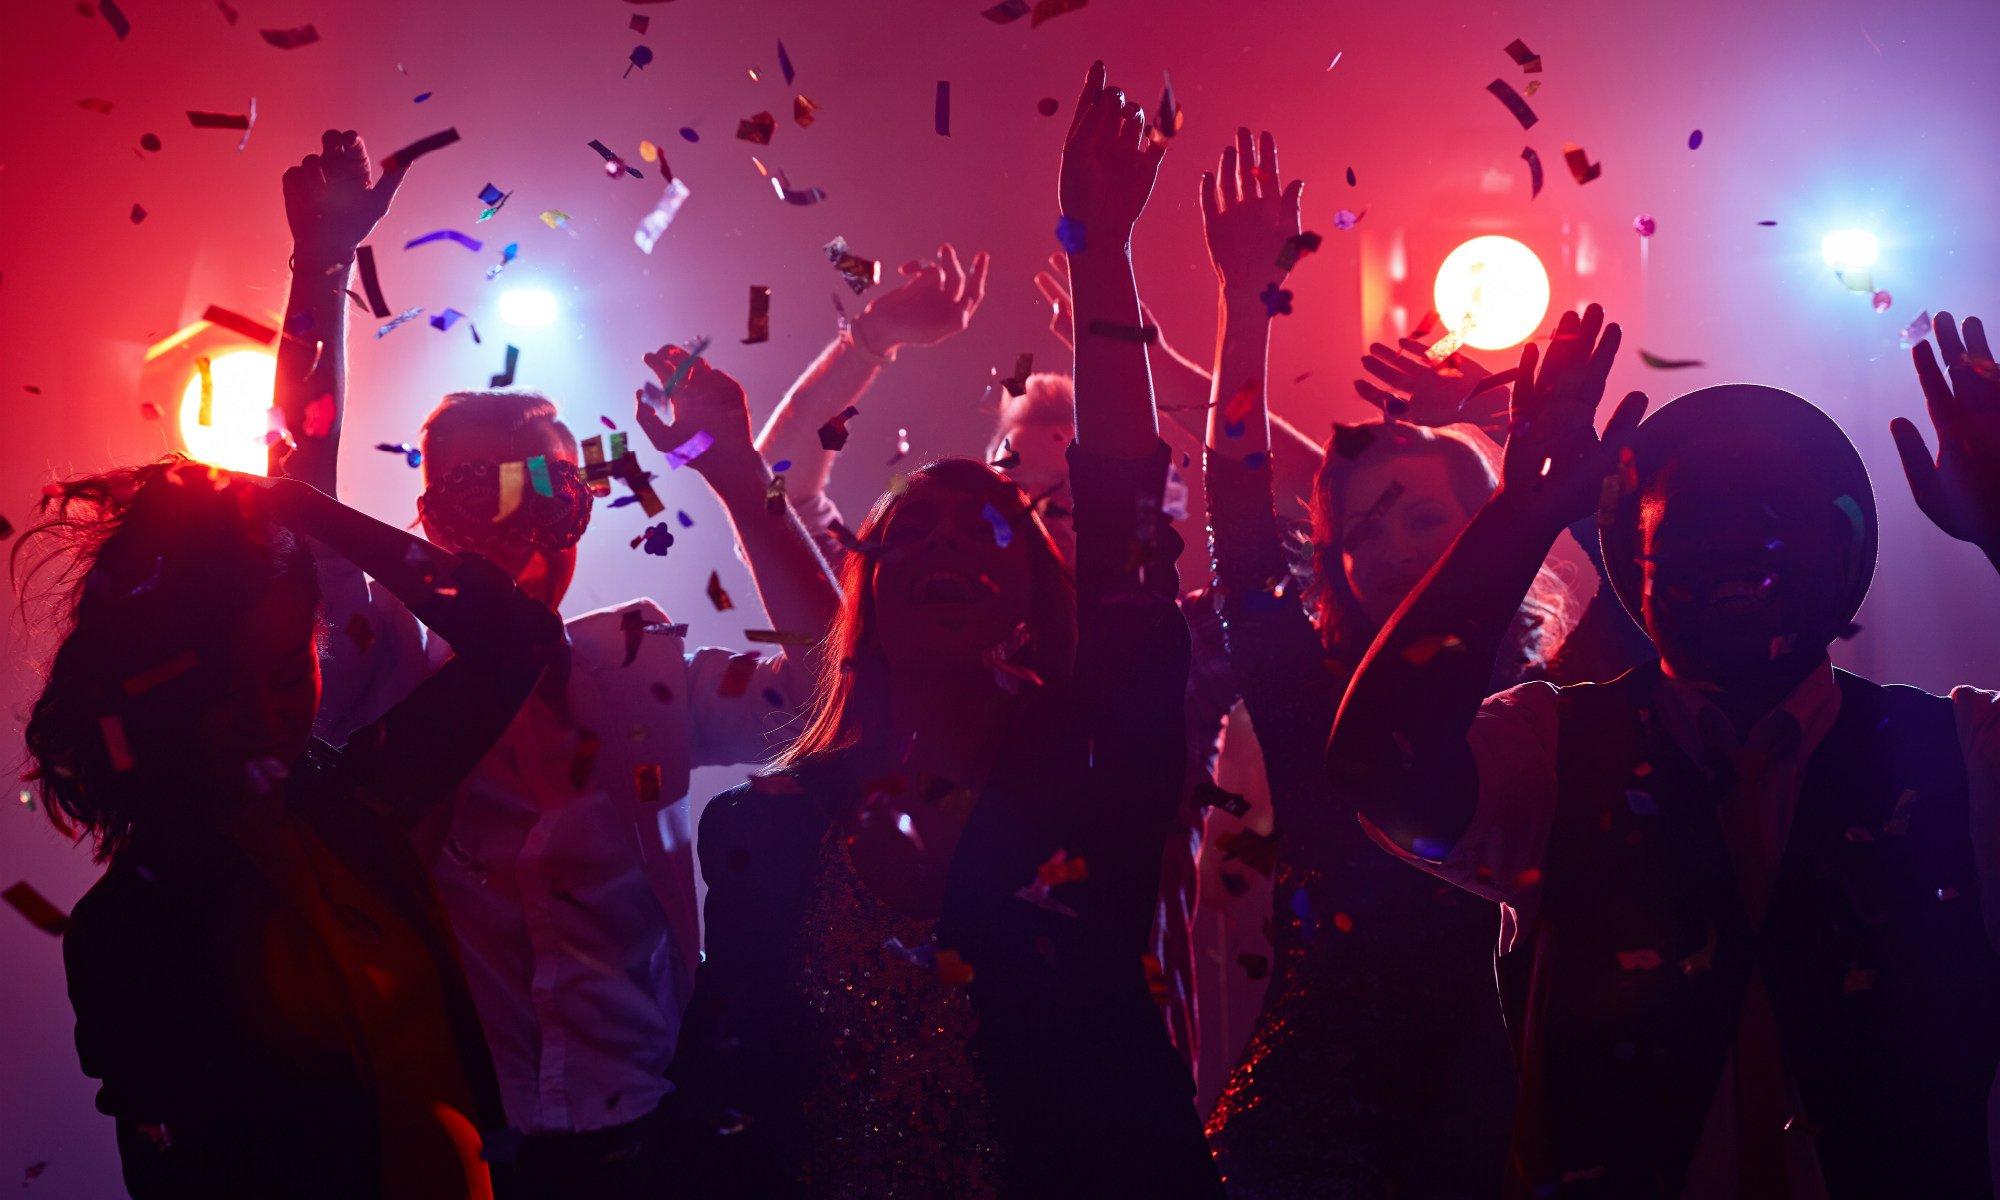 Un gruppo di amici balla in discoteca con luci soffuse e coriandoli colorati che volano per la sala.